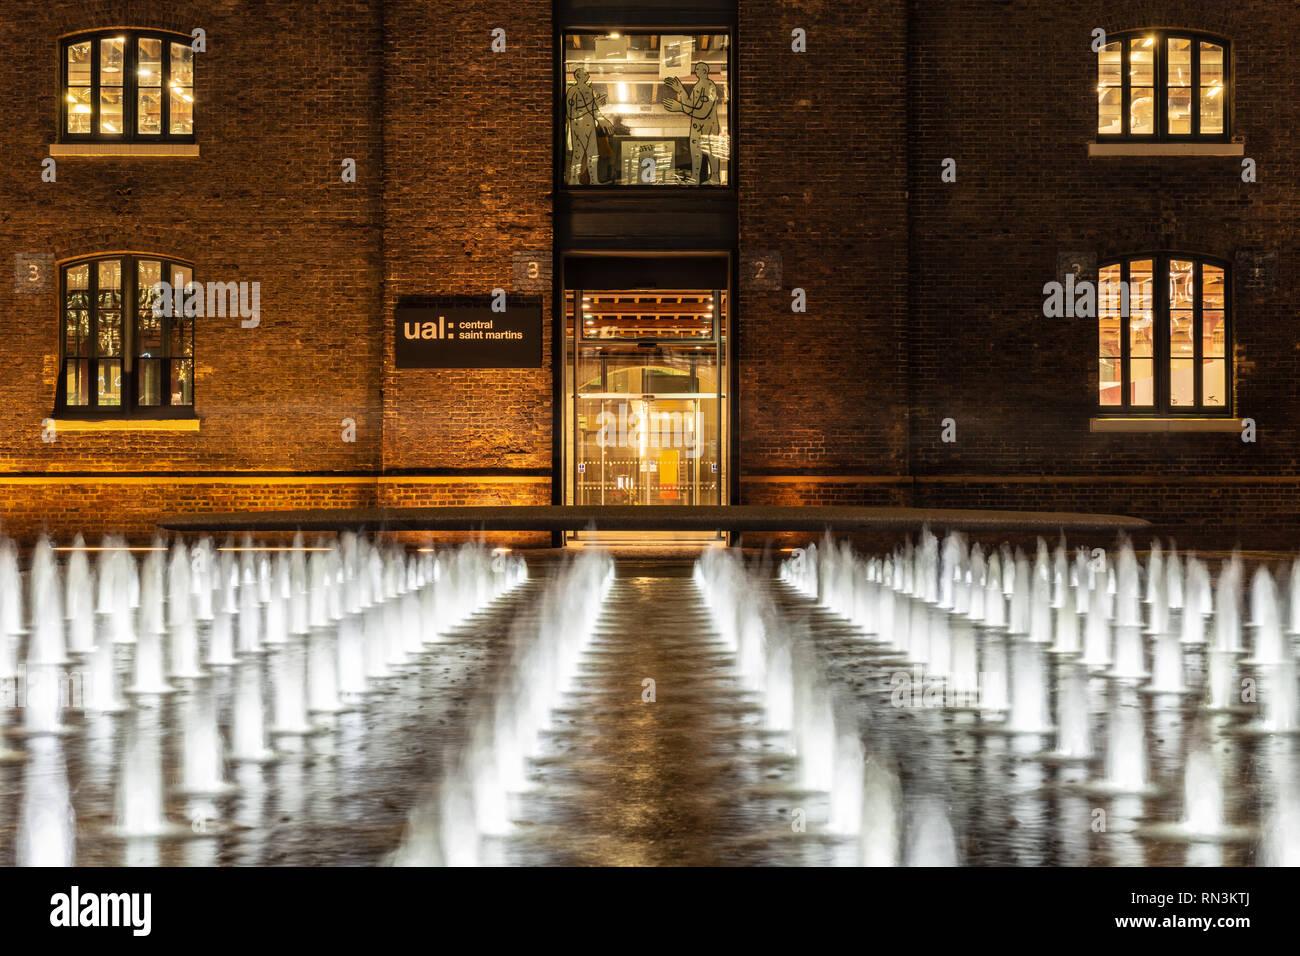 Londres, Inglaterra, Reino Unido - 20 de diciembre de 2018: Las fuentes están iluminados por la noche en la plaza exterior Grannary Central Saint Martin's College de la Universidad de Foto de stock